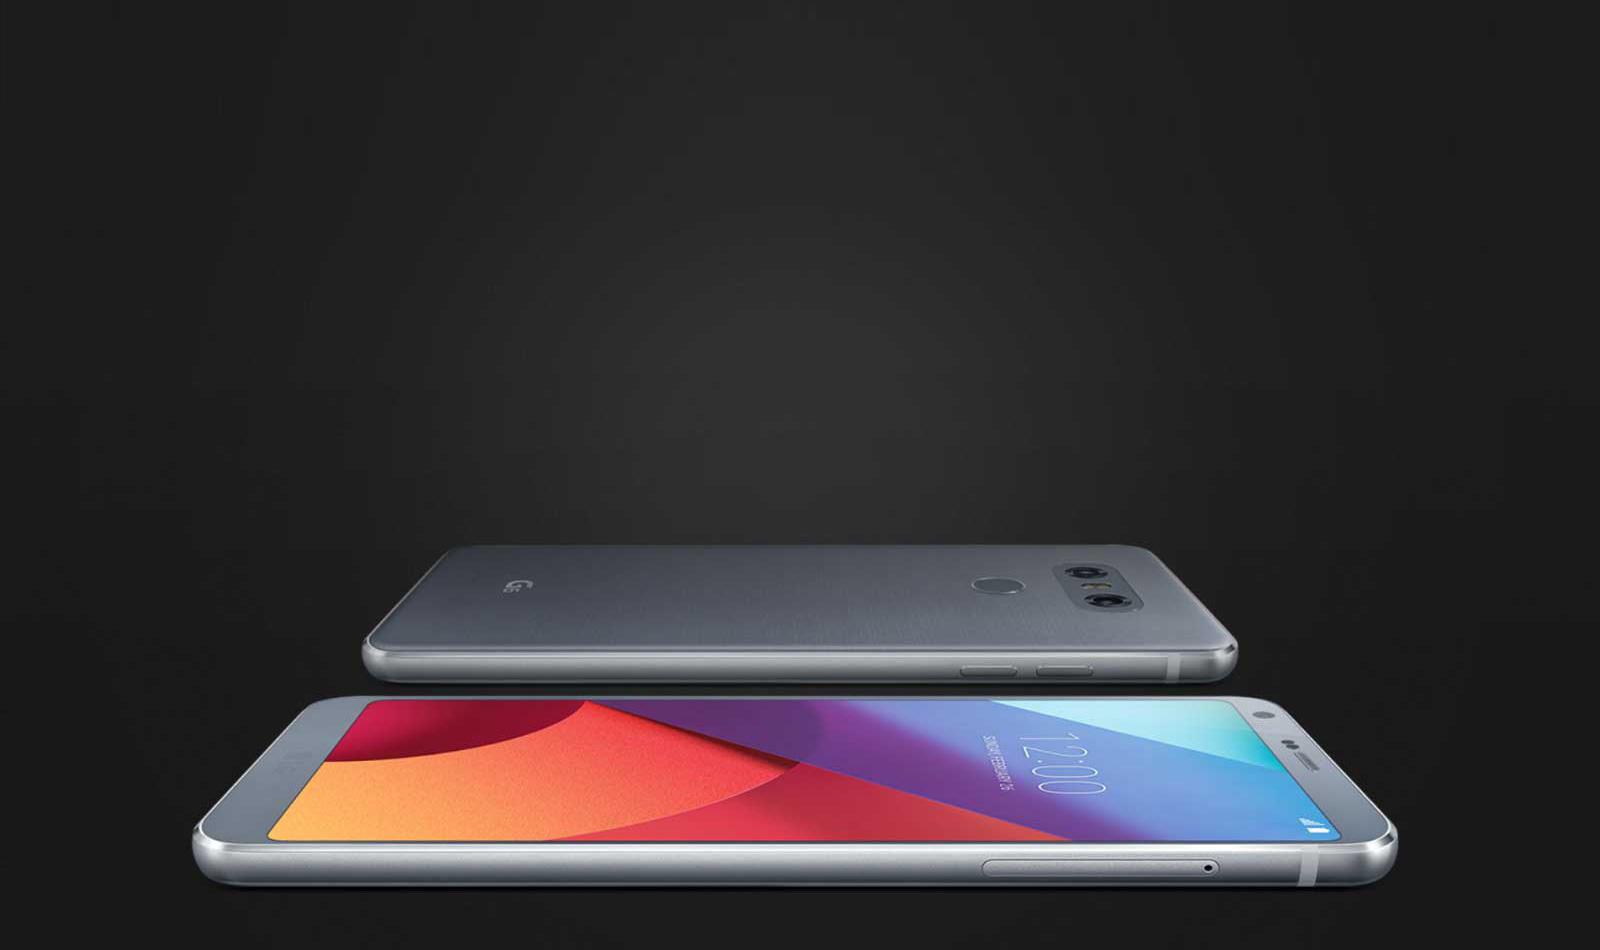 ¿Cuál me compro LG G6 o LG G5?